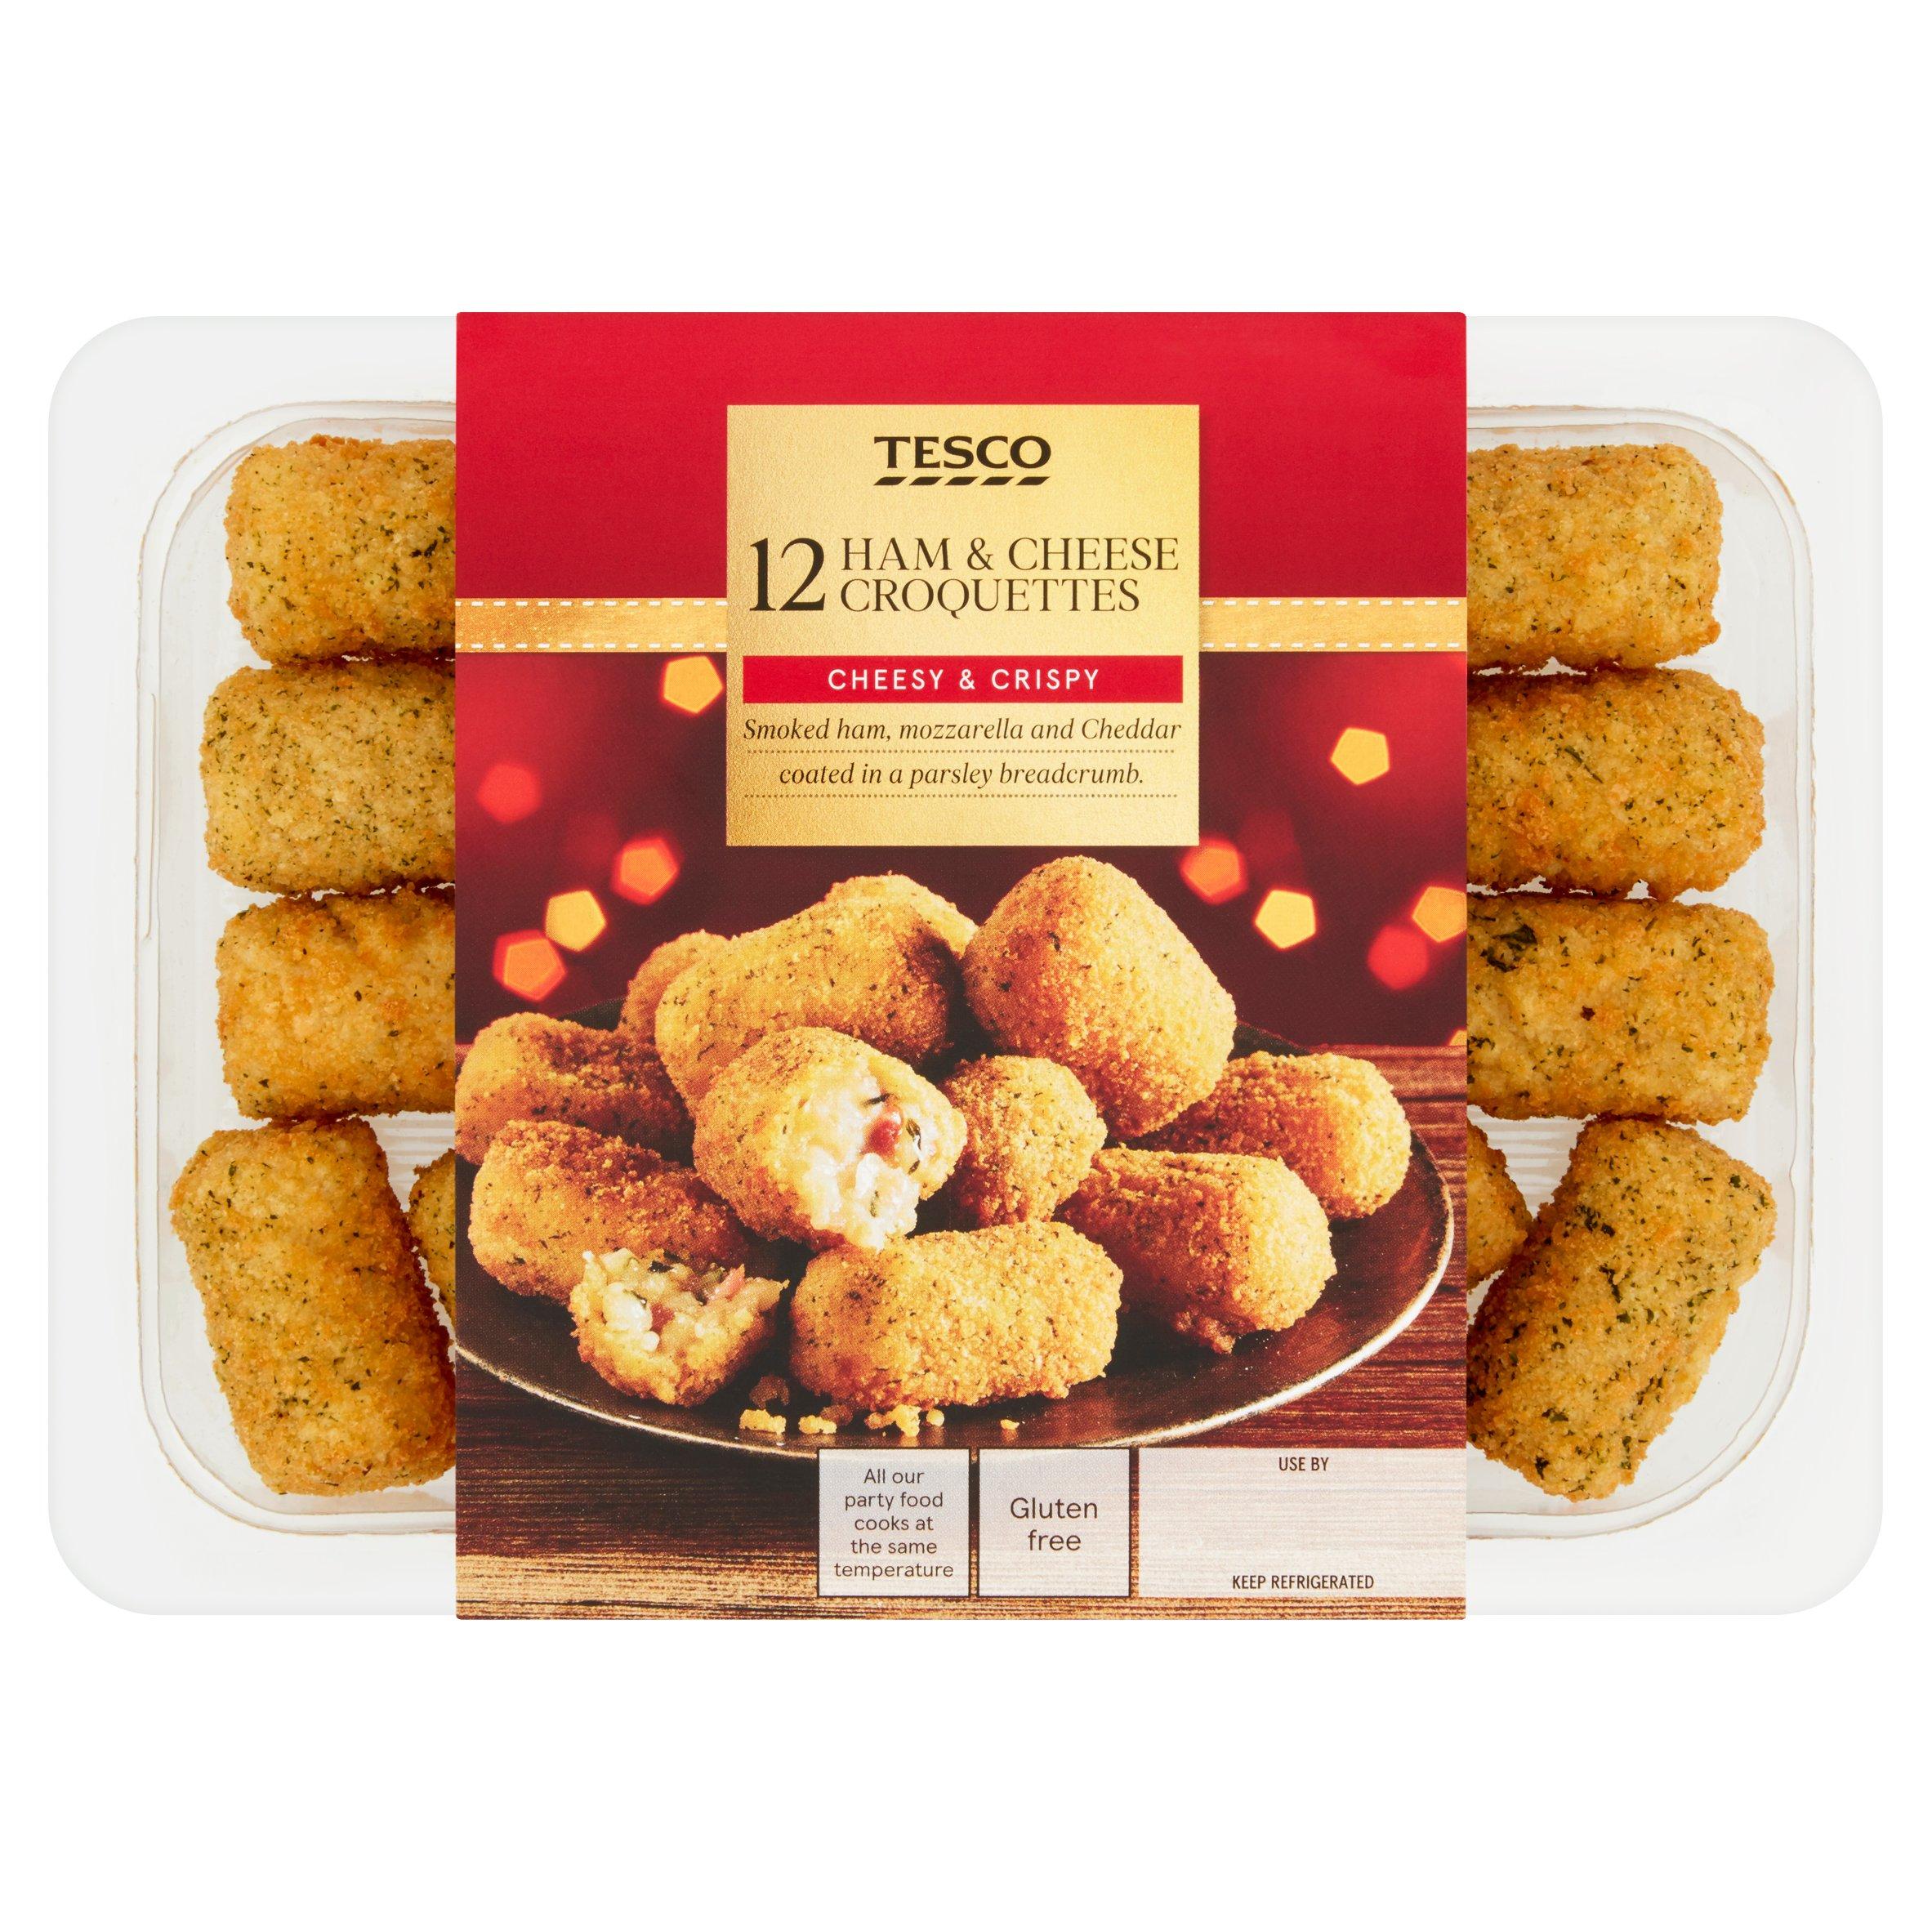 Tesco 12 Ham & Cheese Croquettes 240G